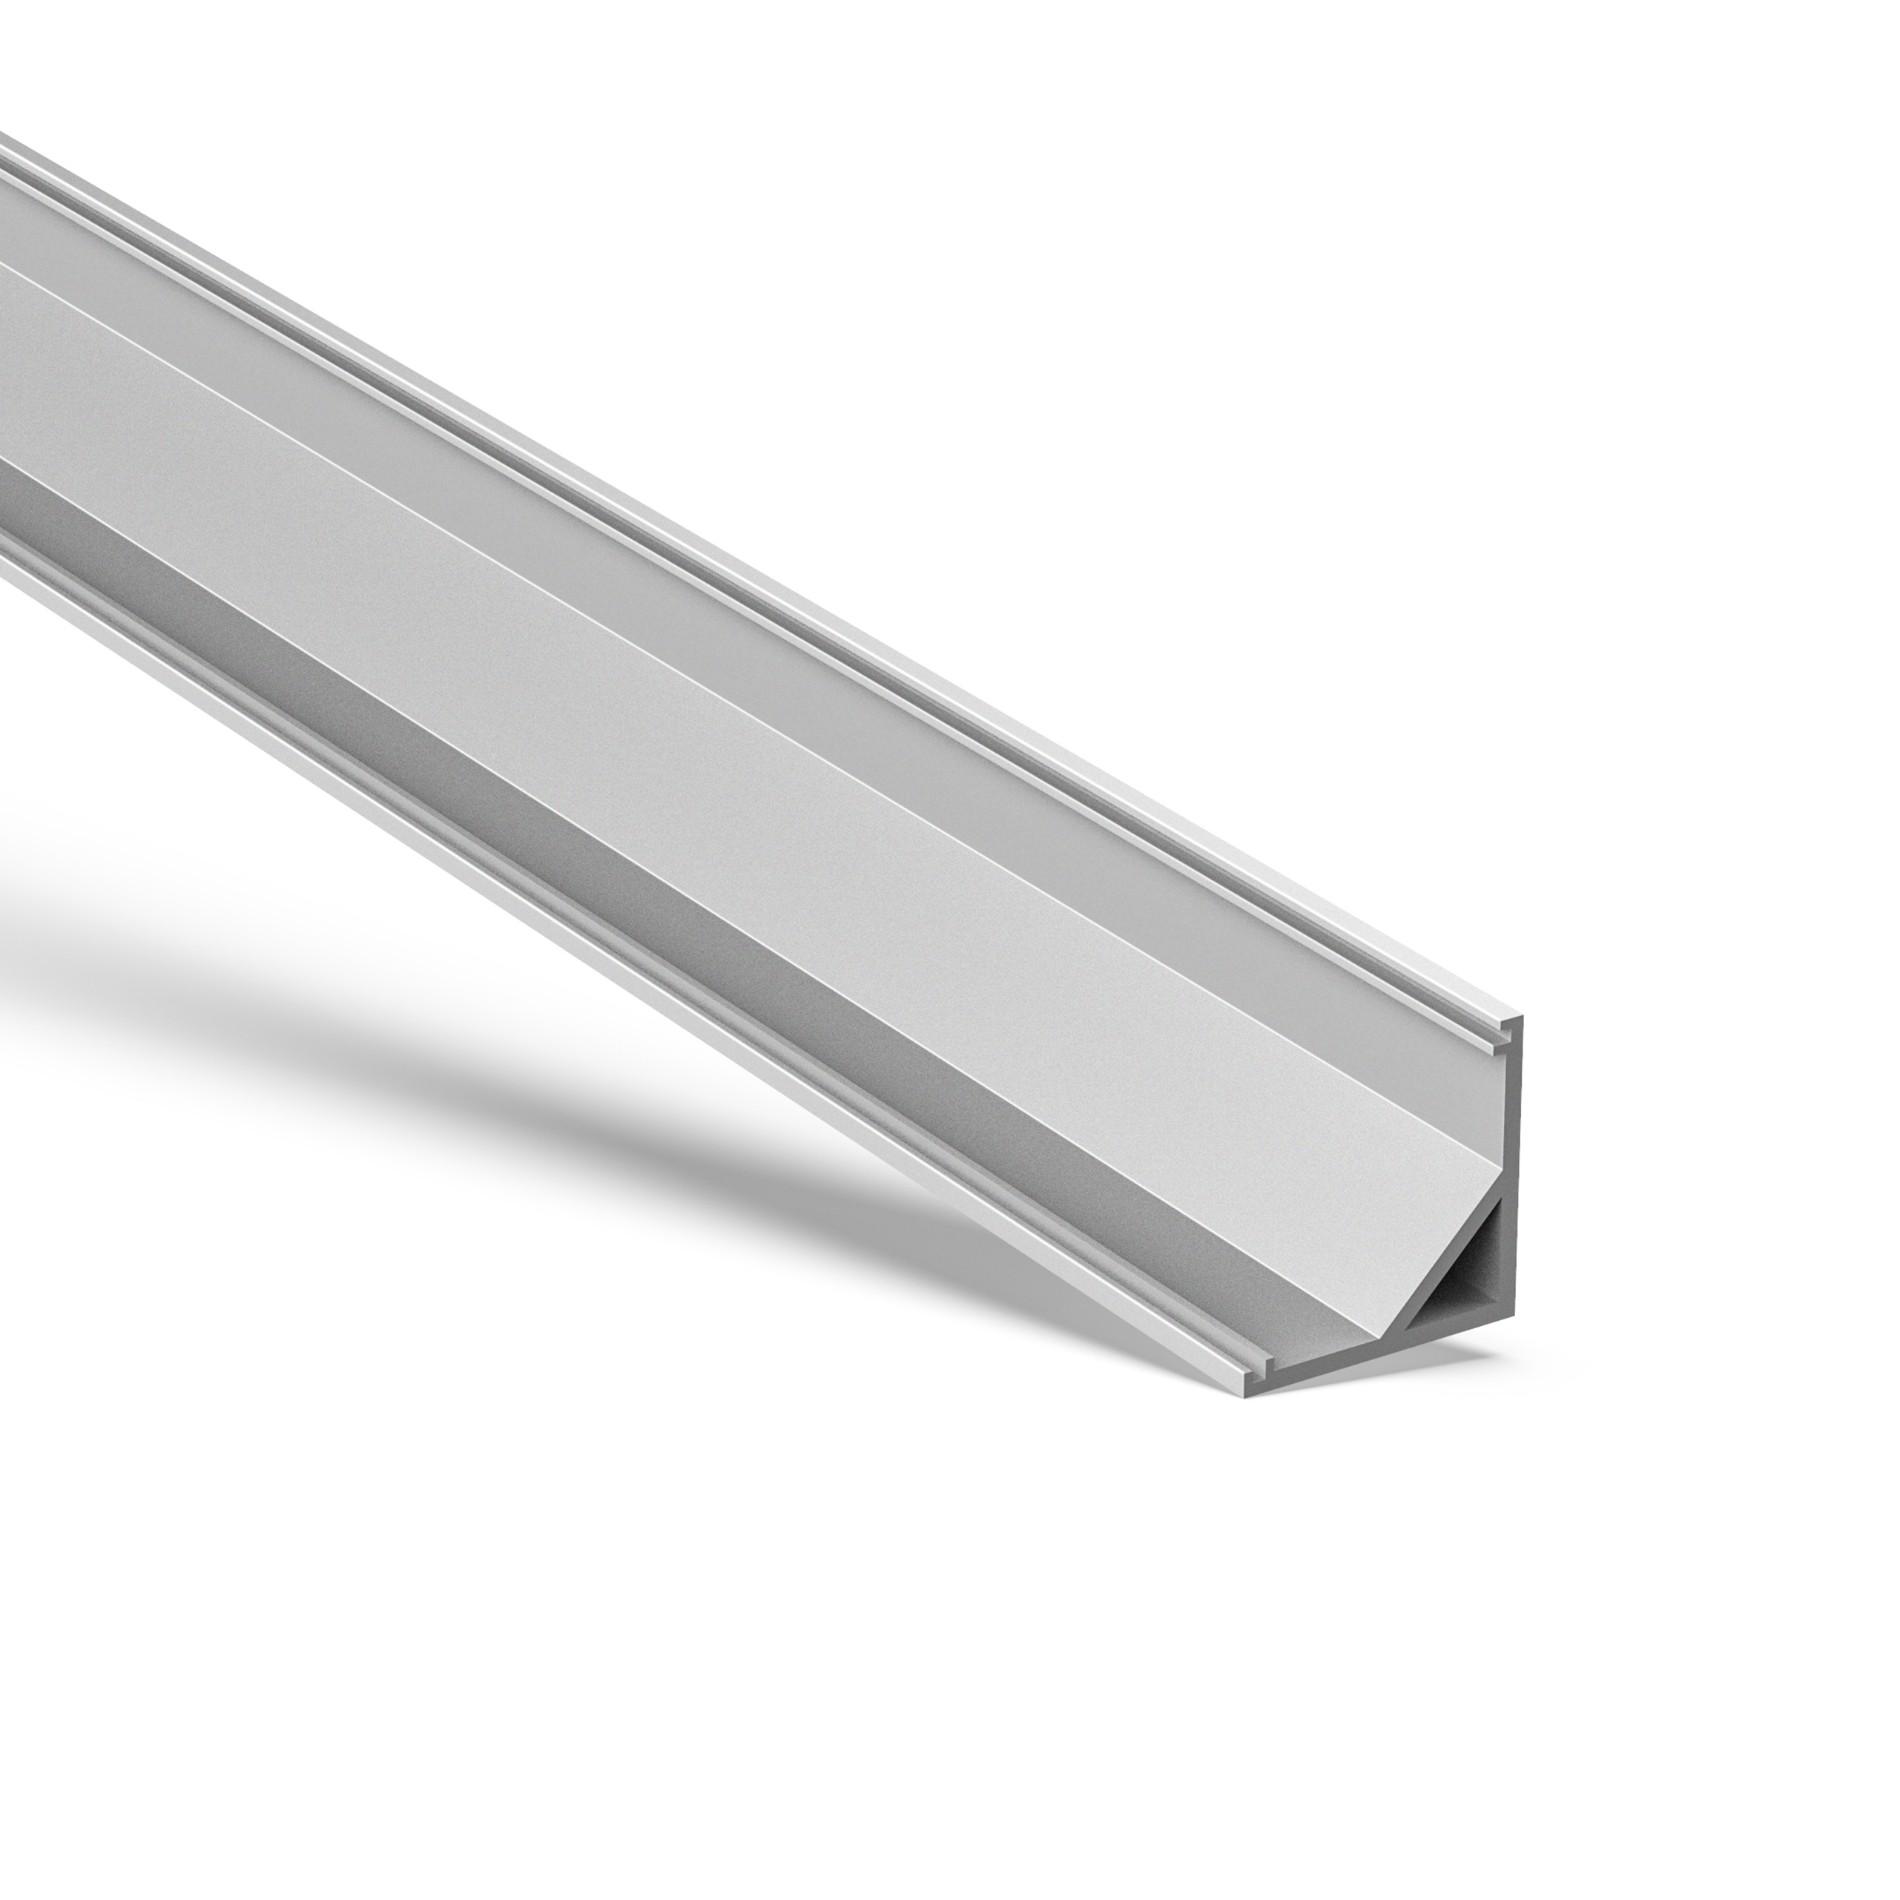 AC2 45˚ Hjørnealuminium LED-profil til LED-strip 16x16mm